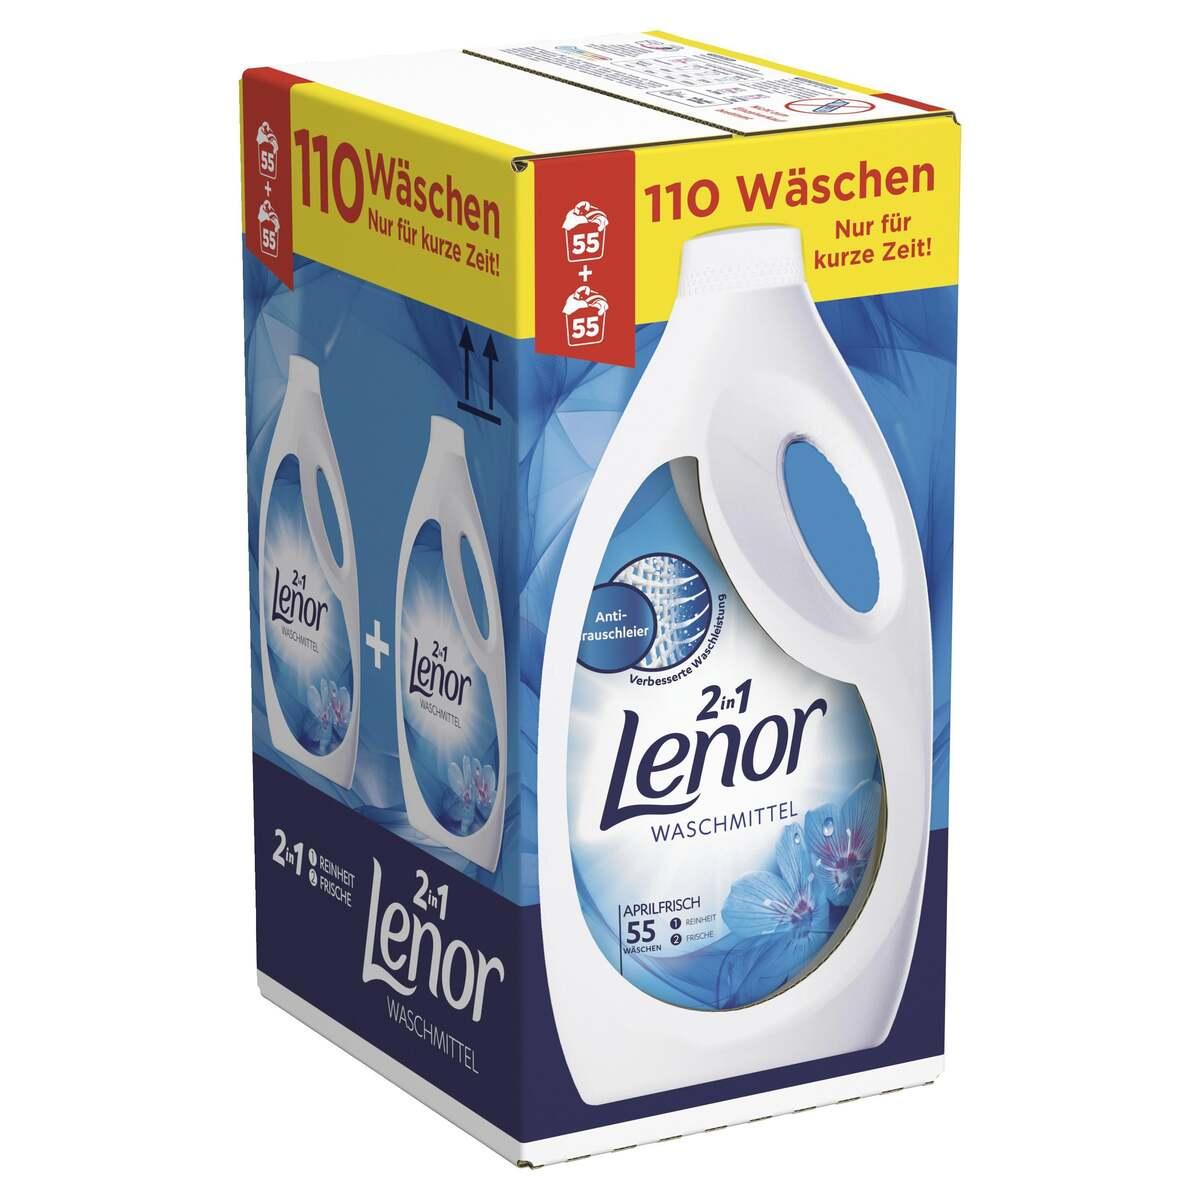 Bild 1 von Lenor Waschmittel Flüssig Aprilfrisch, 110WL